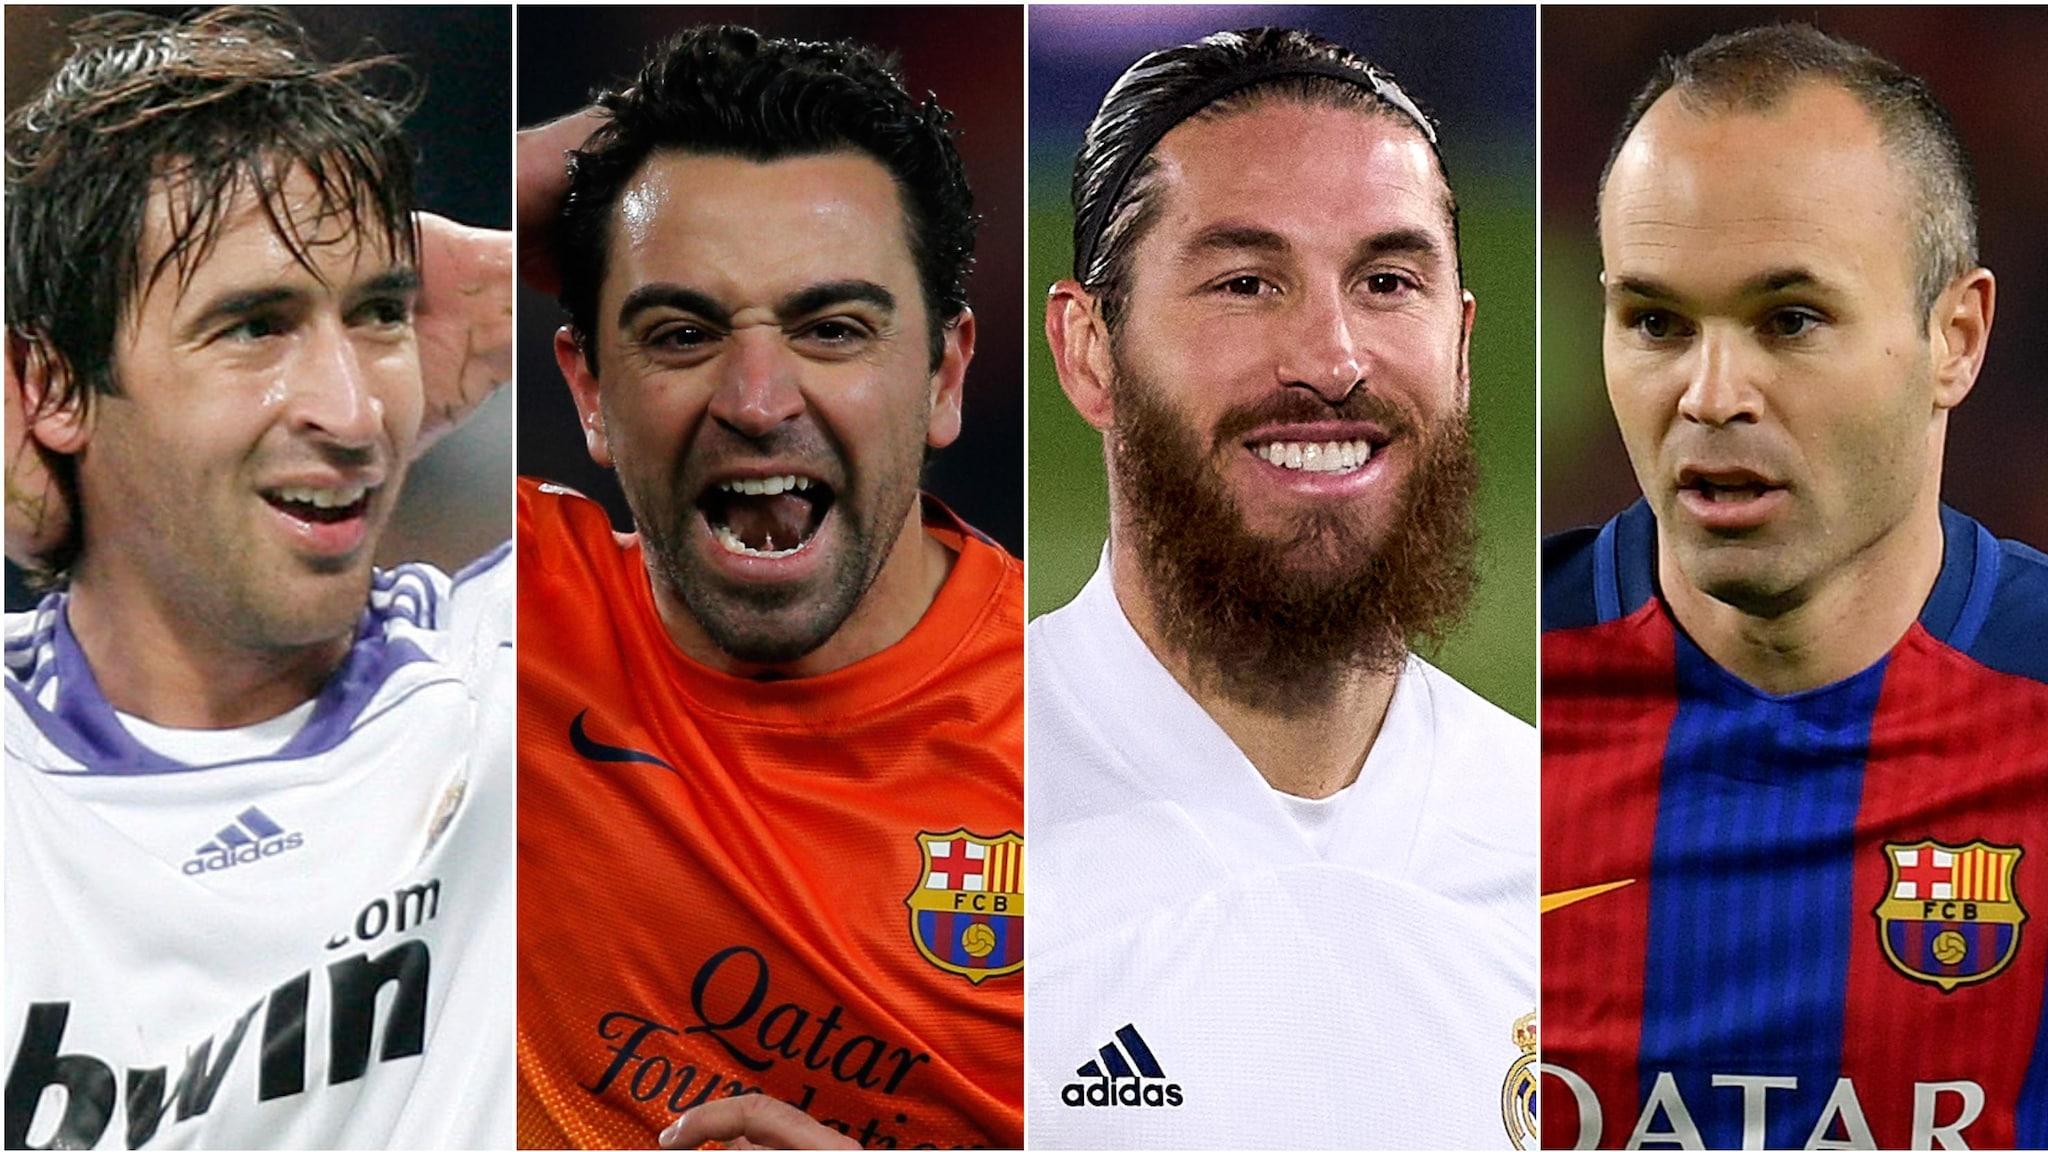 Spain' top performers